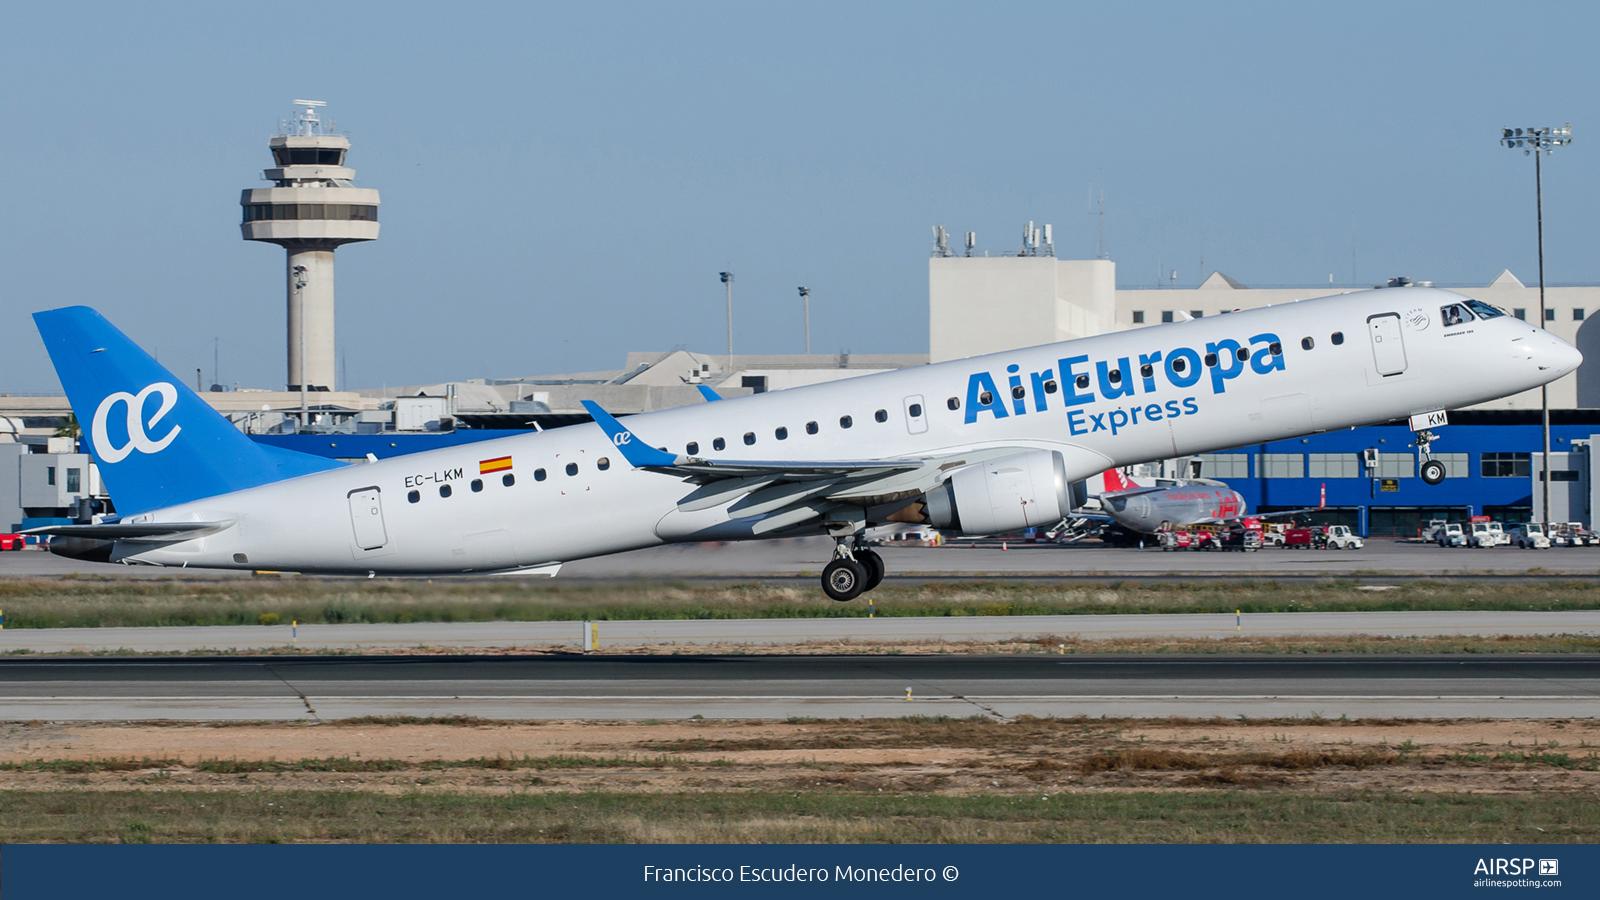 Air Europa Express  Embraer E195  EC-LKM